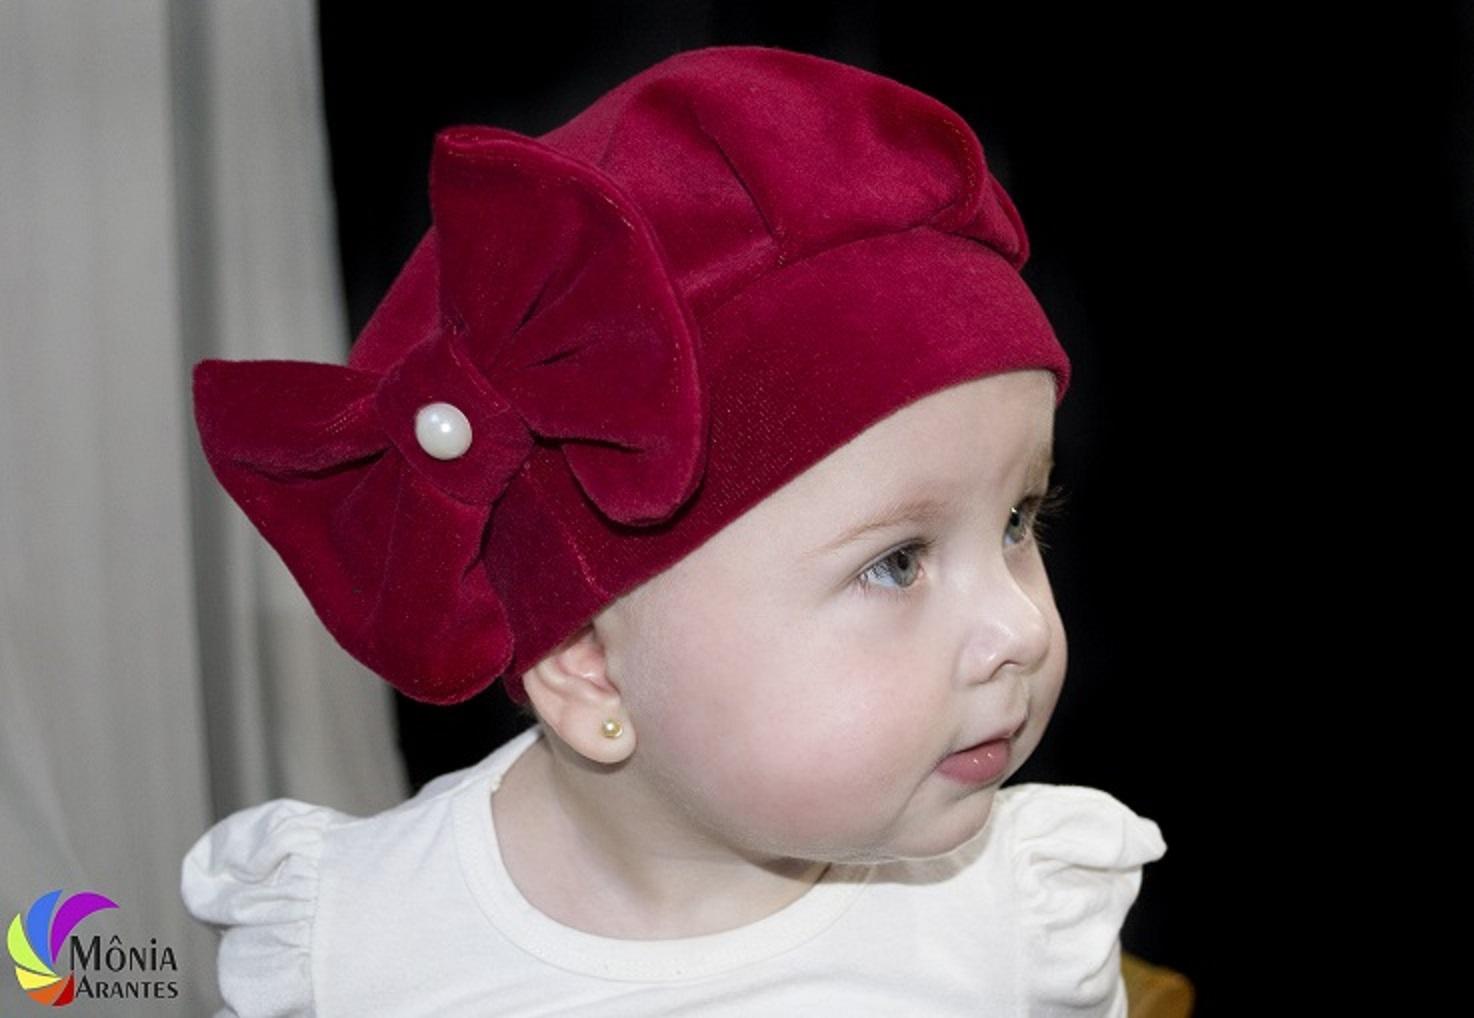 88840e0257c51 Touca de Plush Infantil Bebe Boina